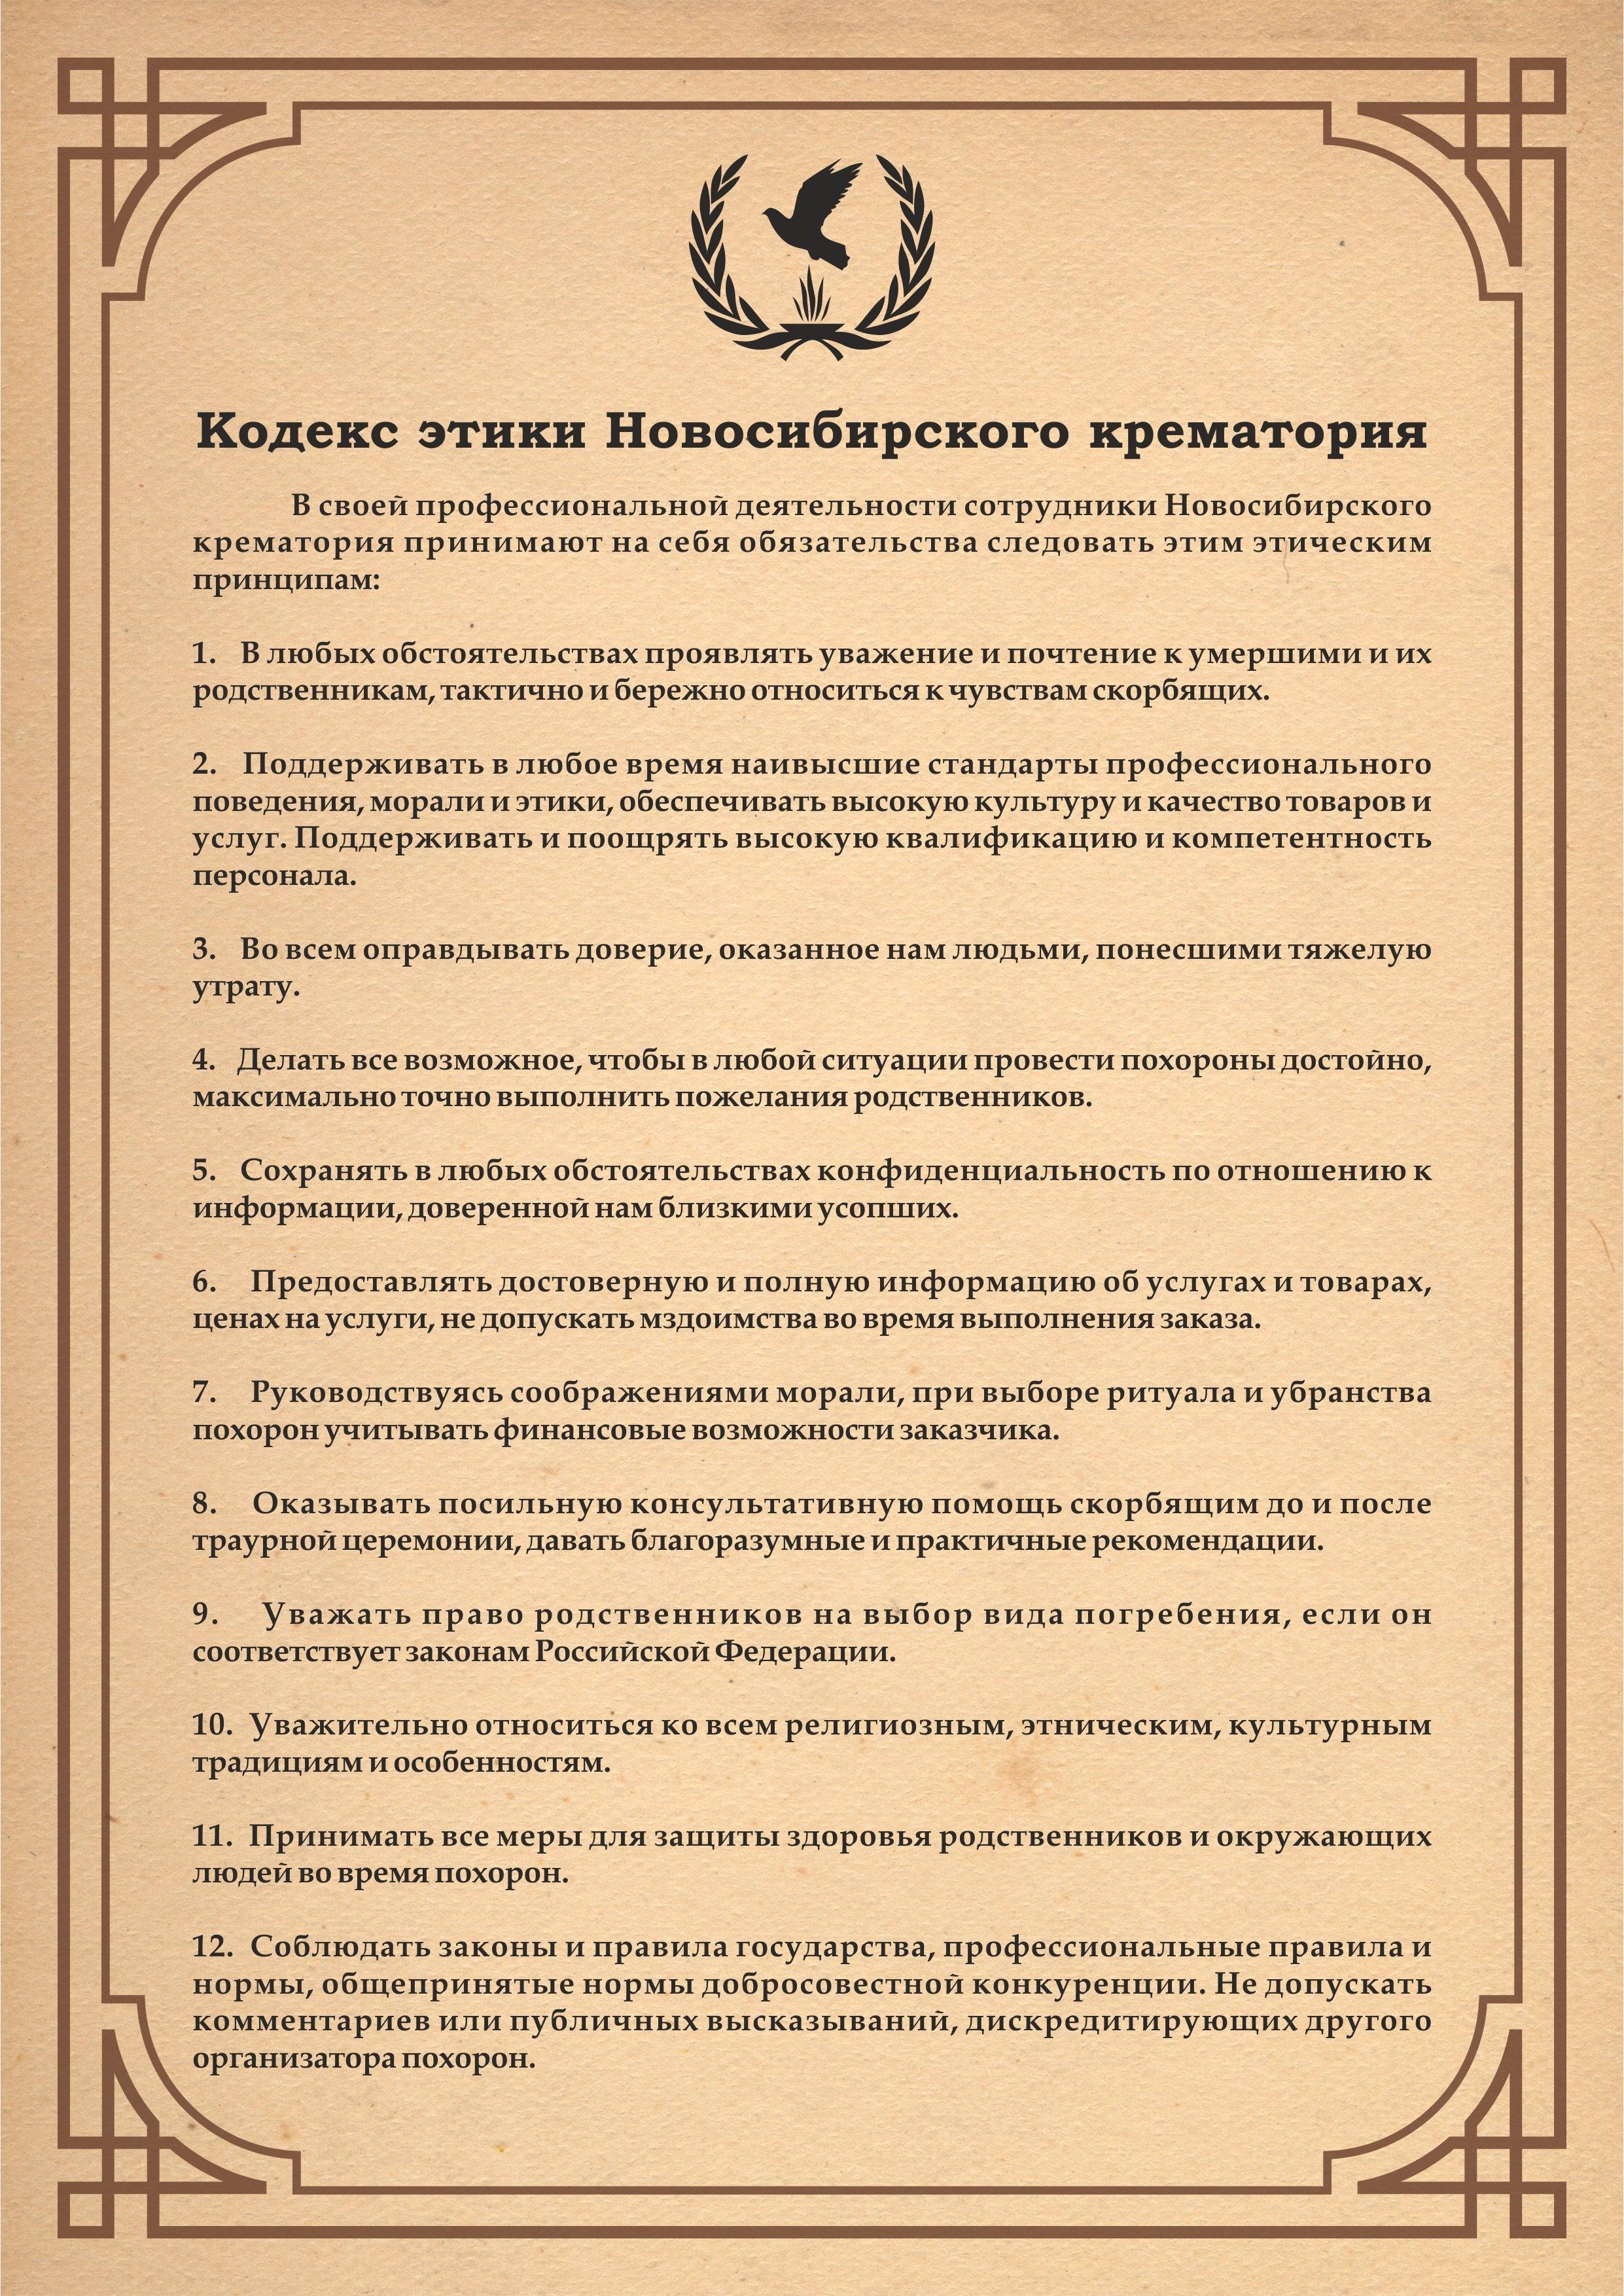 кодекс этики Новосибирского крематория